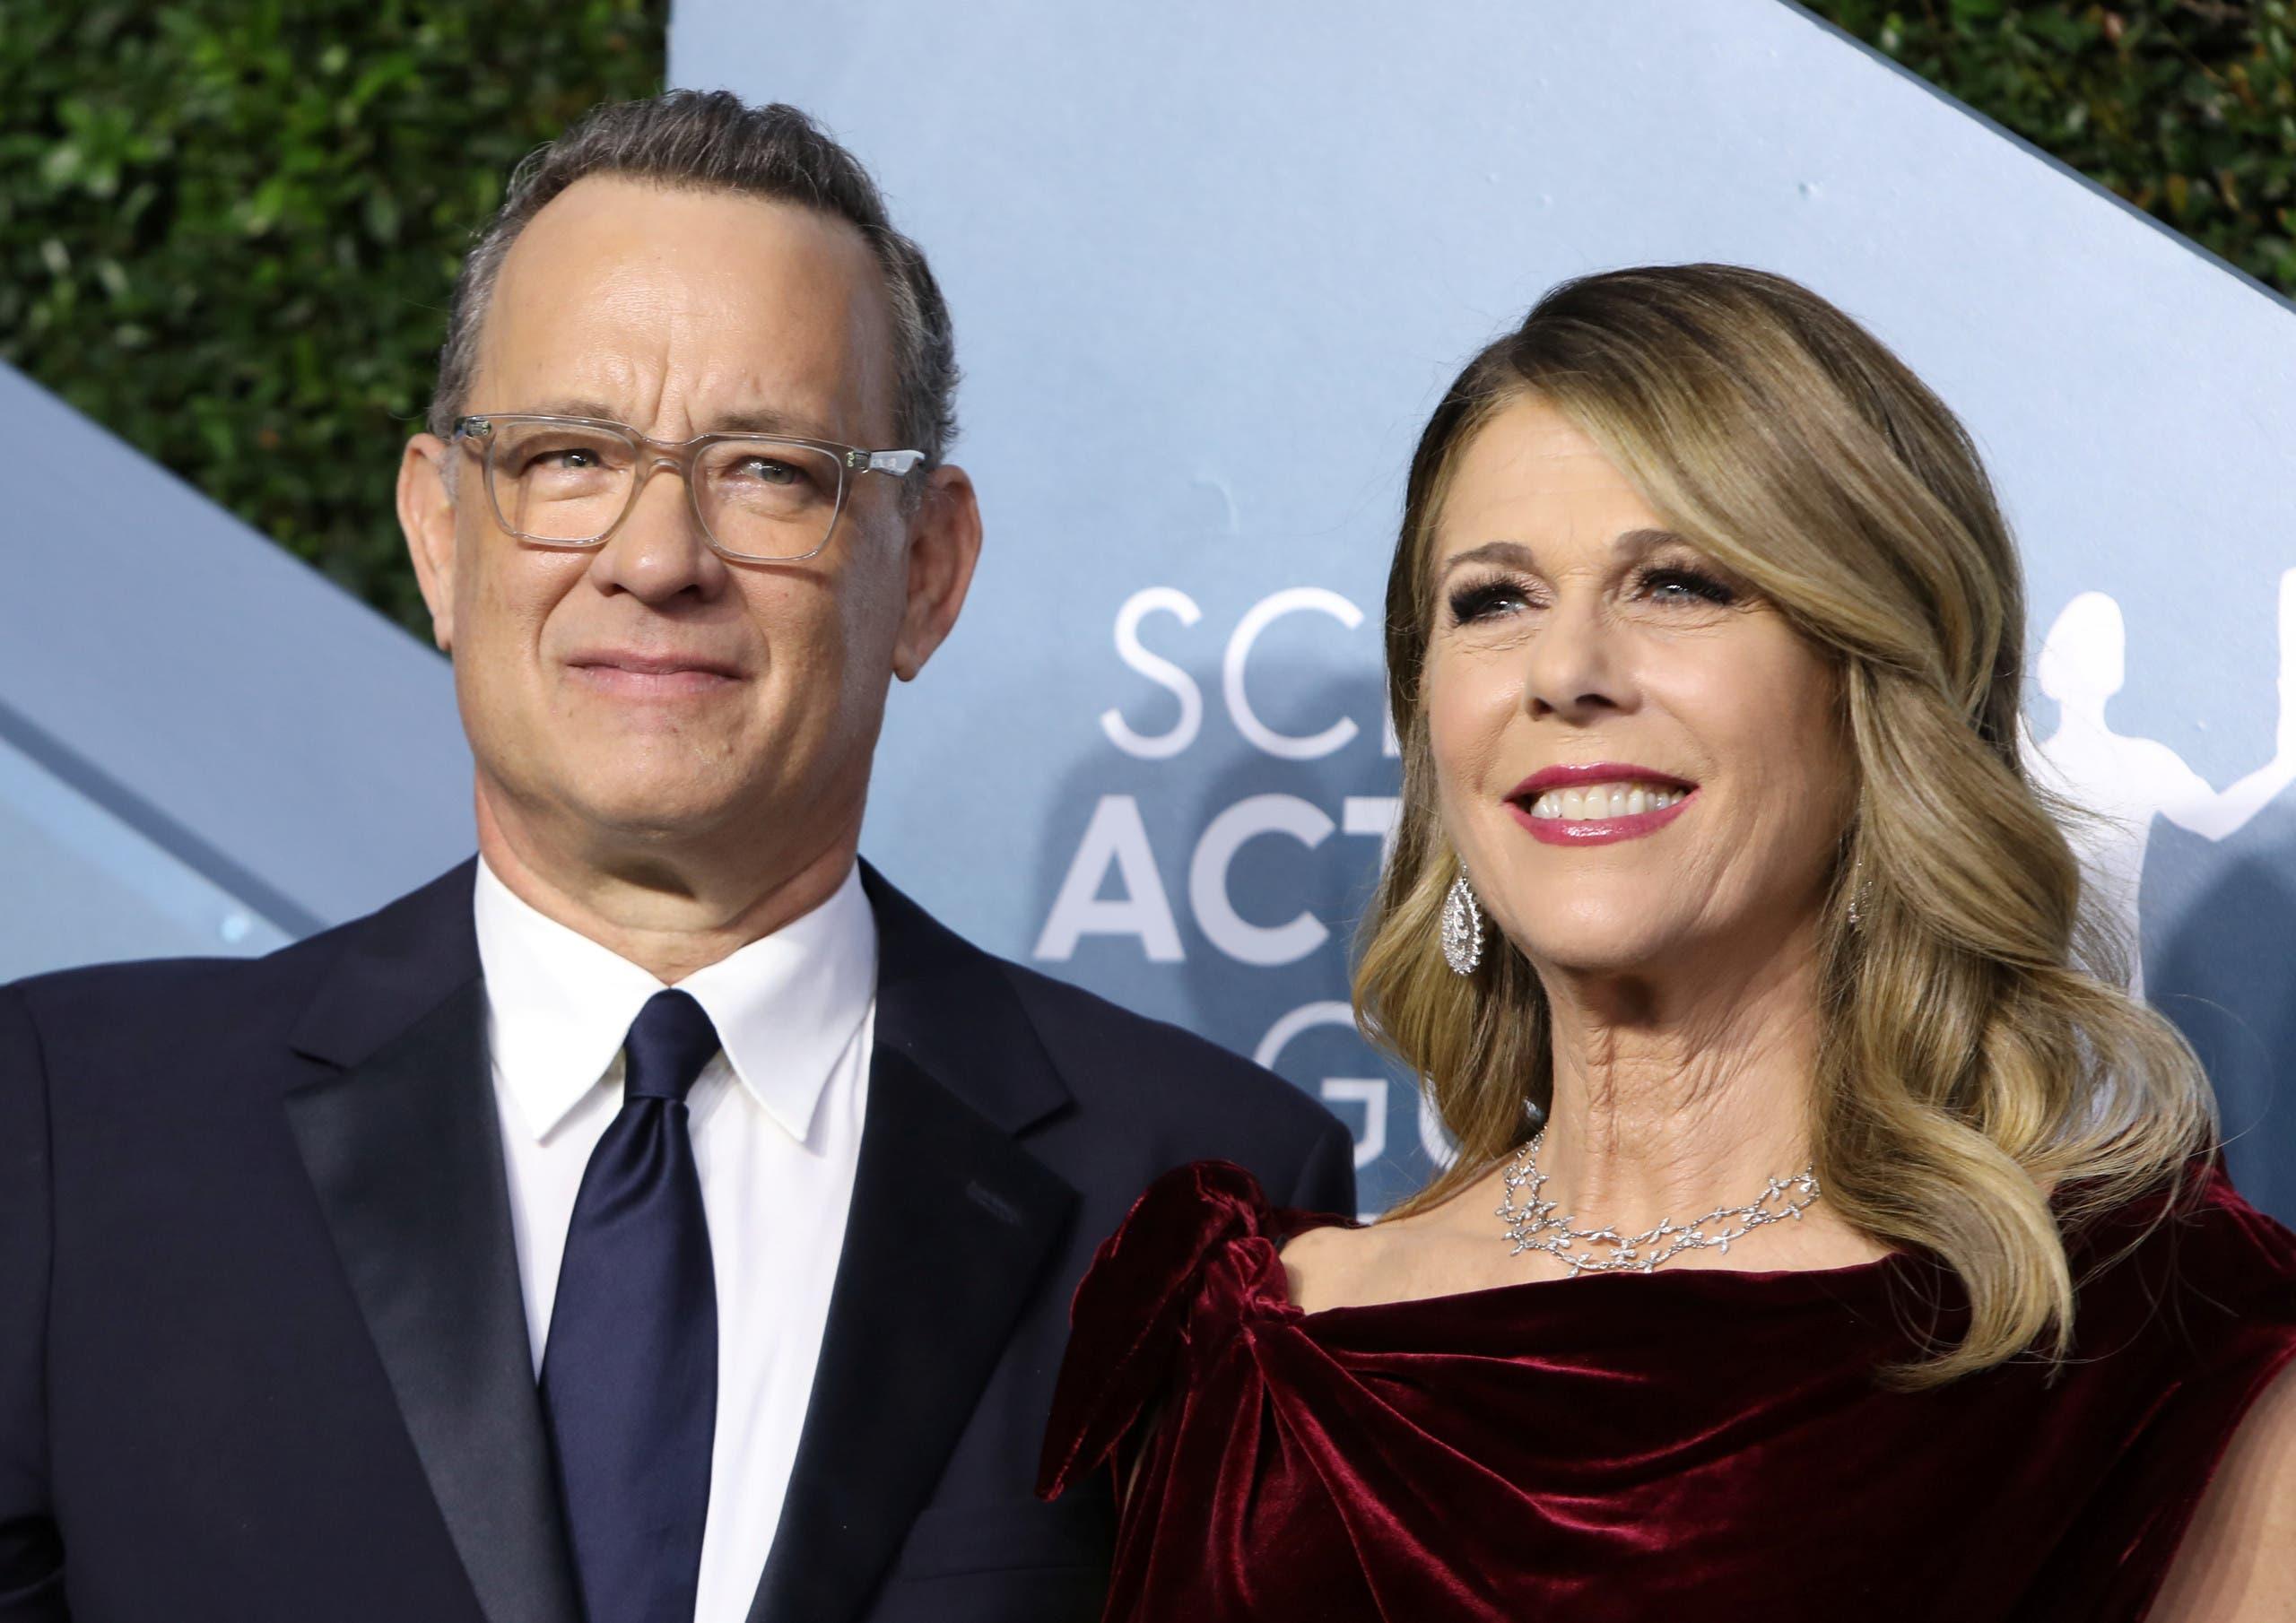 توم هانكس وزوجته الممثلة ريتا ويلسون(أرشيفية- رويترز)